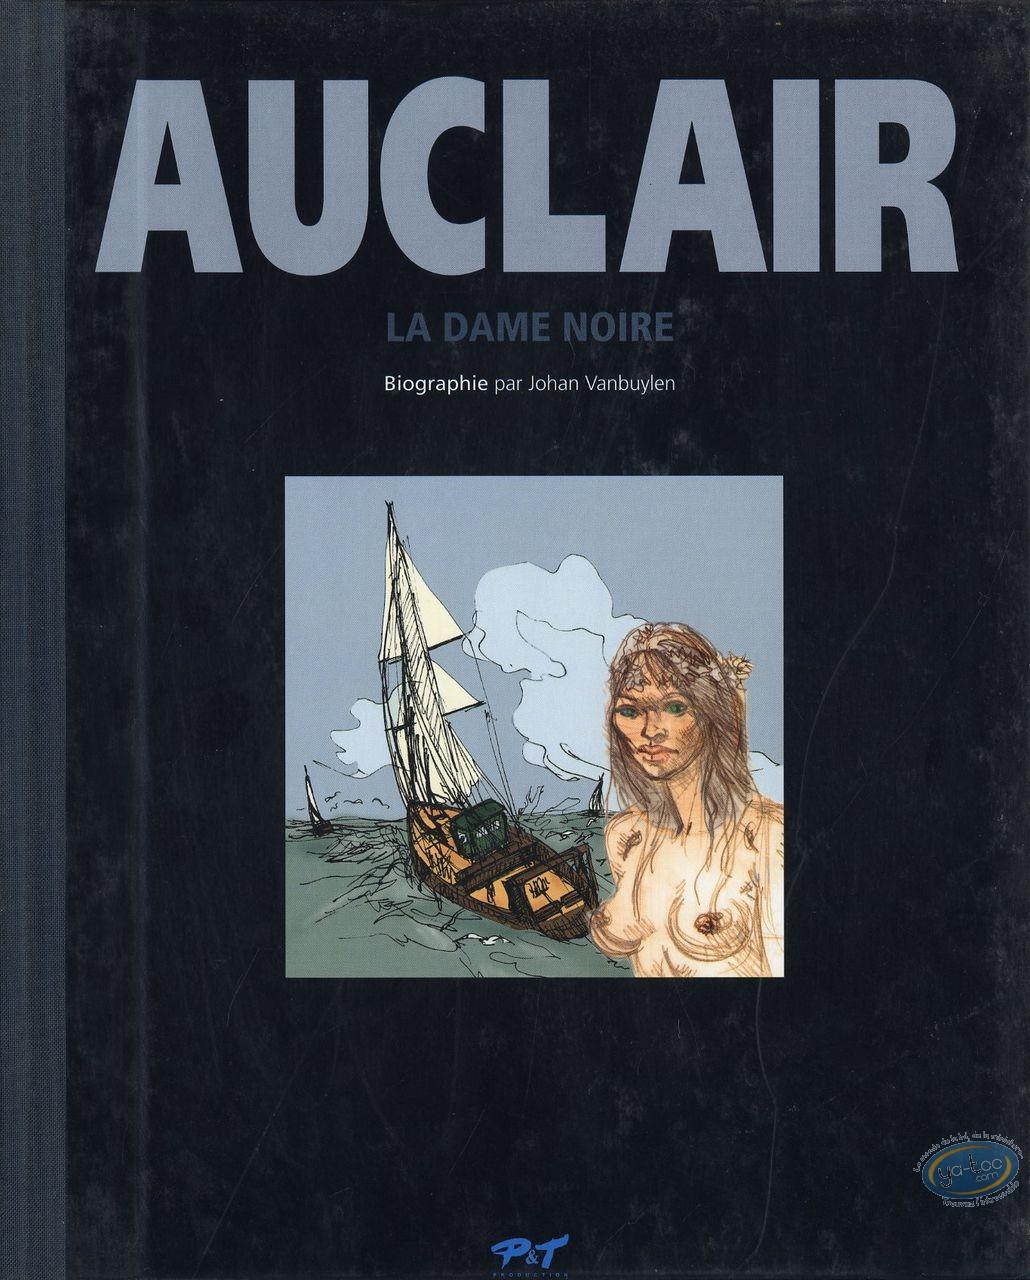 BD prix mini, Dame Noire (La) : Biographie 'La ballade de cheveux-rouge' La dame Noire